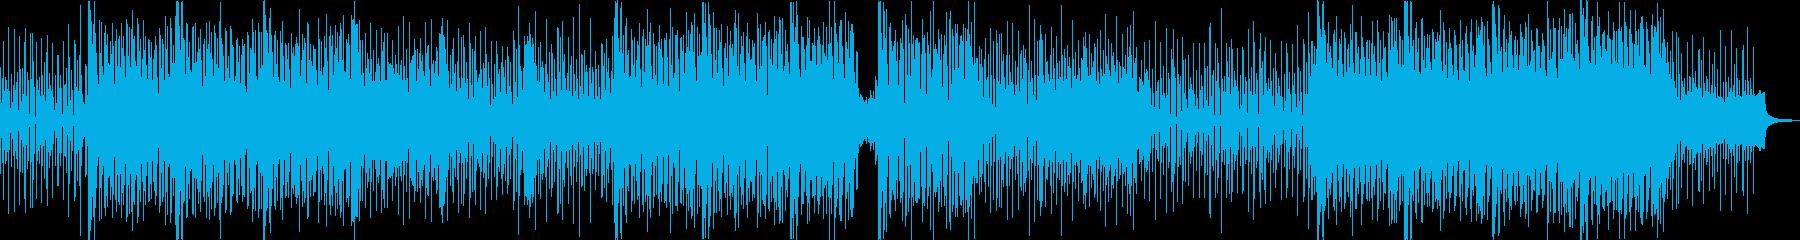 緊迫したアップテンポな曲ですの再生済みの波形